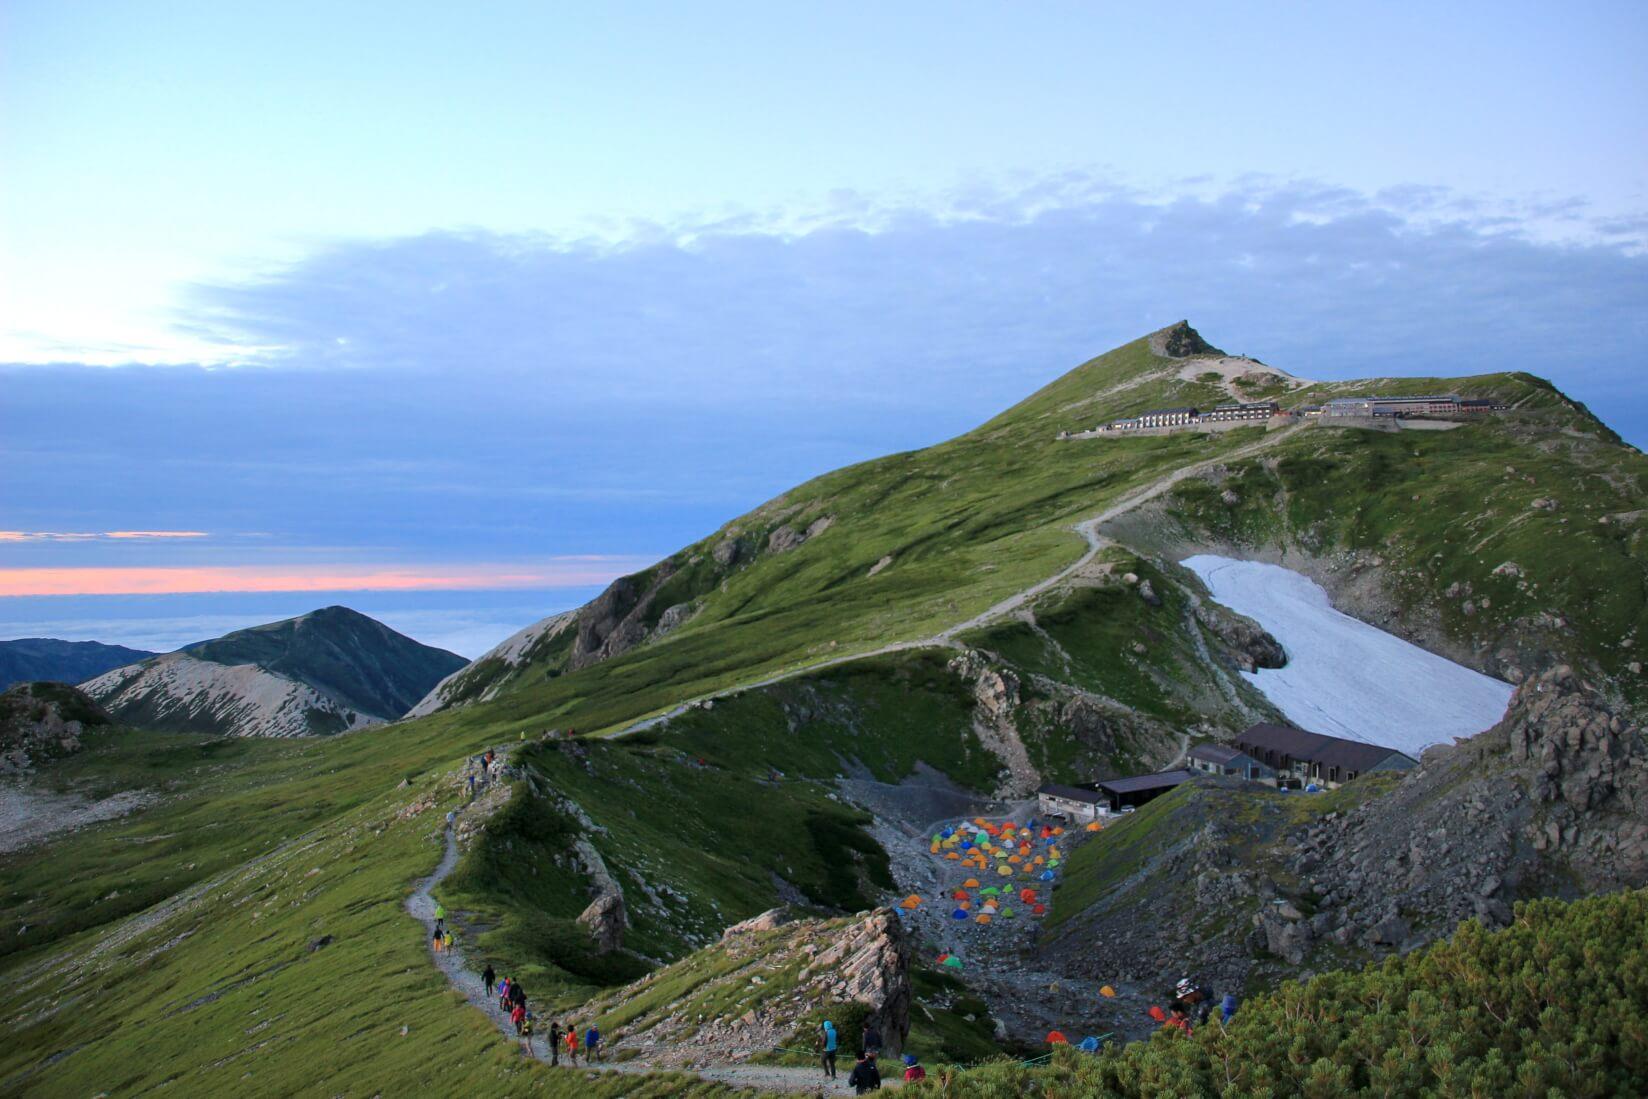 白馬岳と白馬岳頂上宿舎テント場の夕暮れ